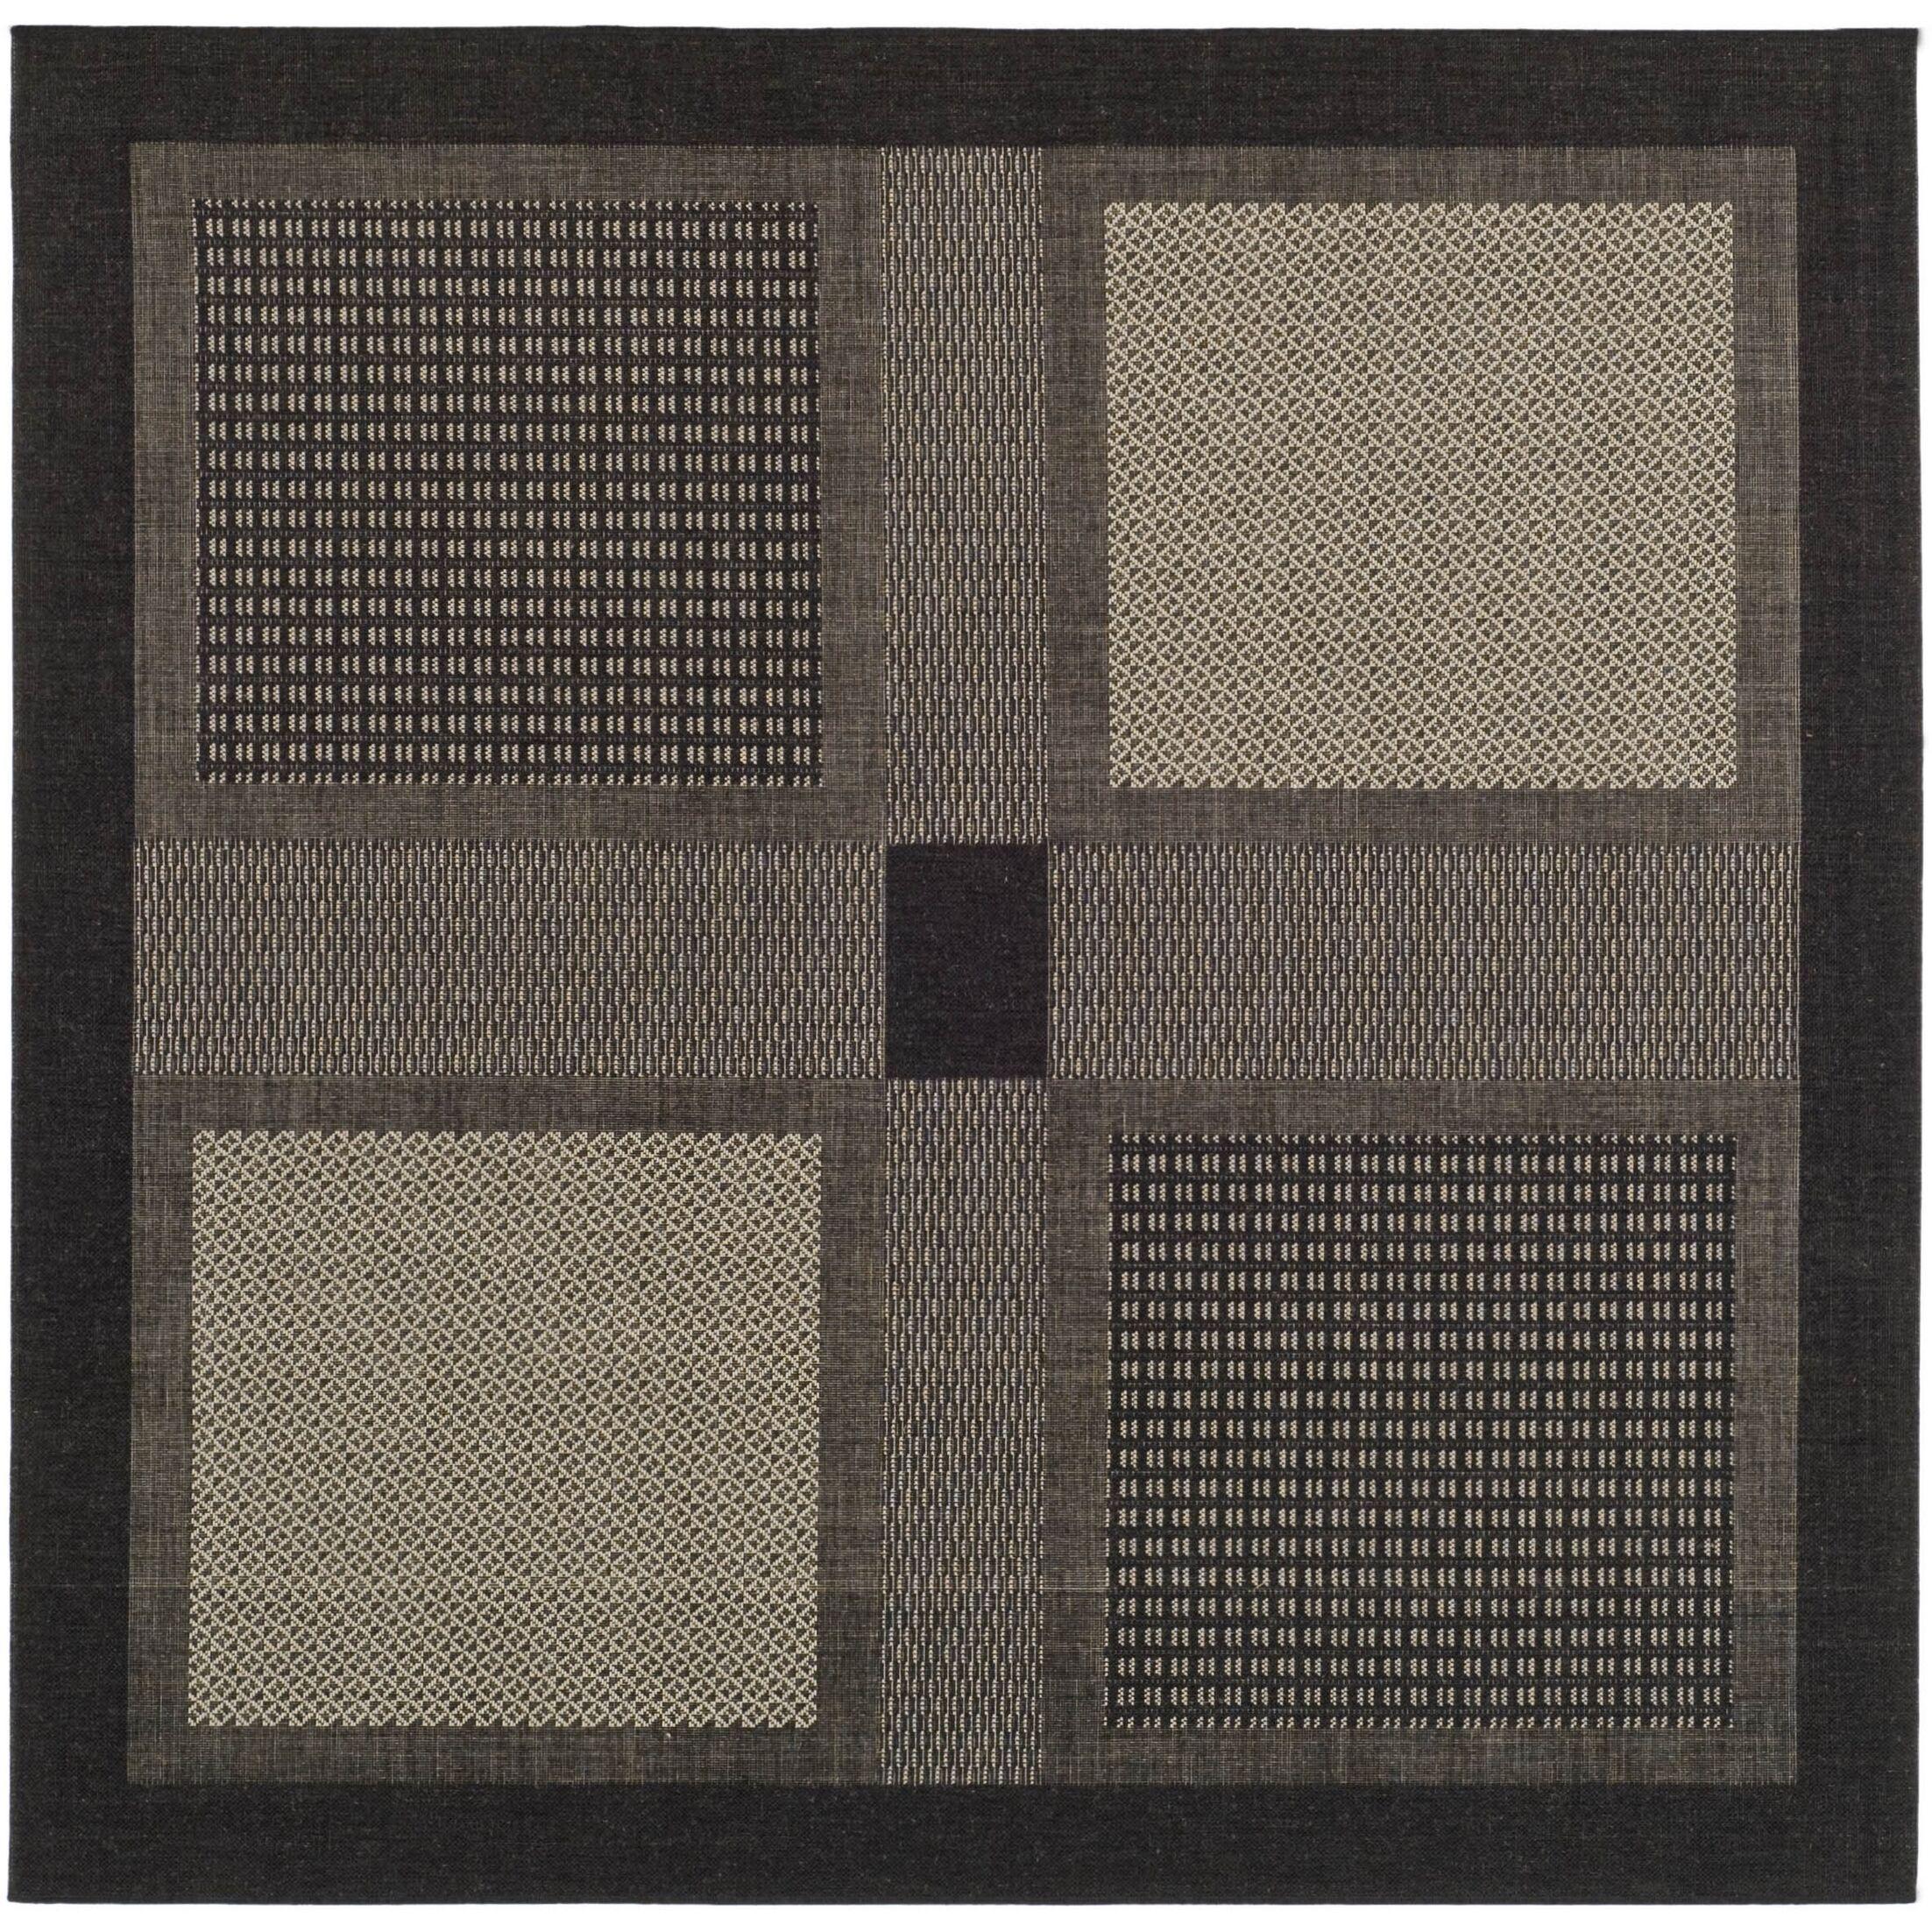 Halvorsen Black/Sand Outdoor Rug Rug Size: Square 7'10